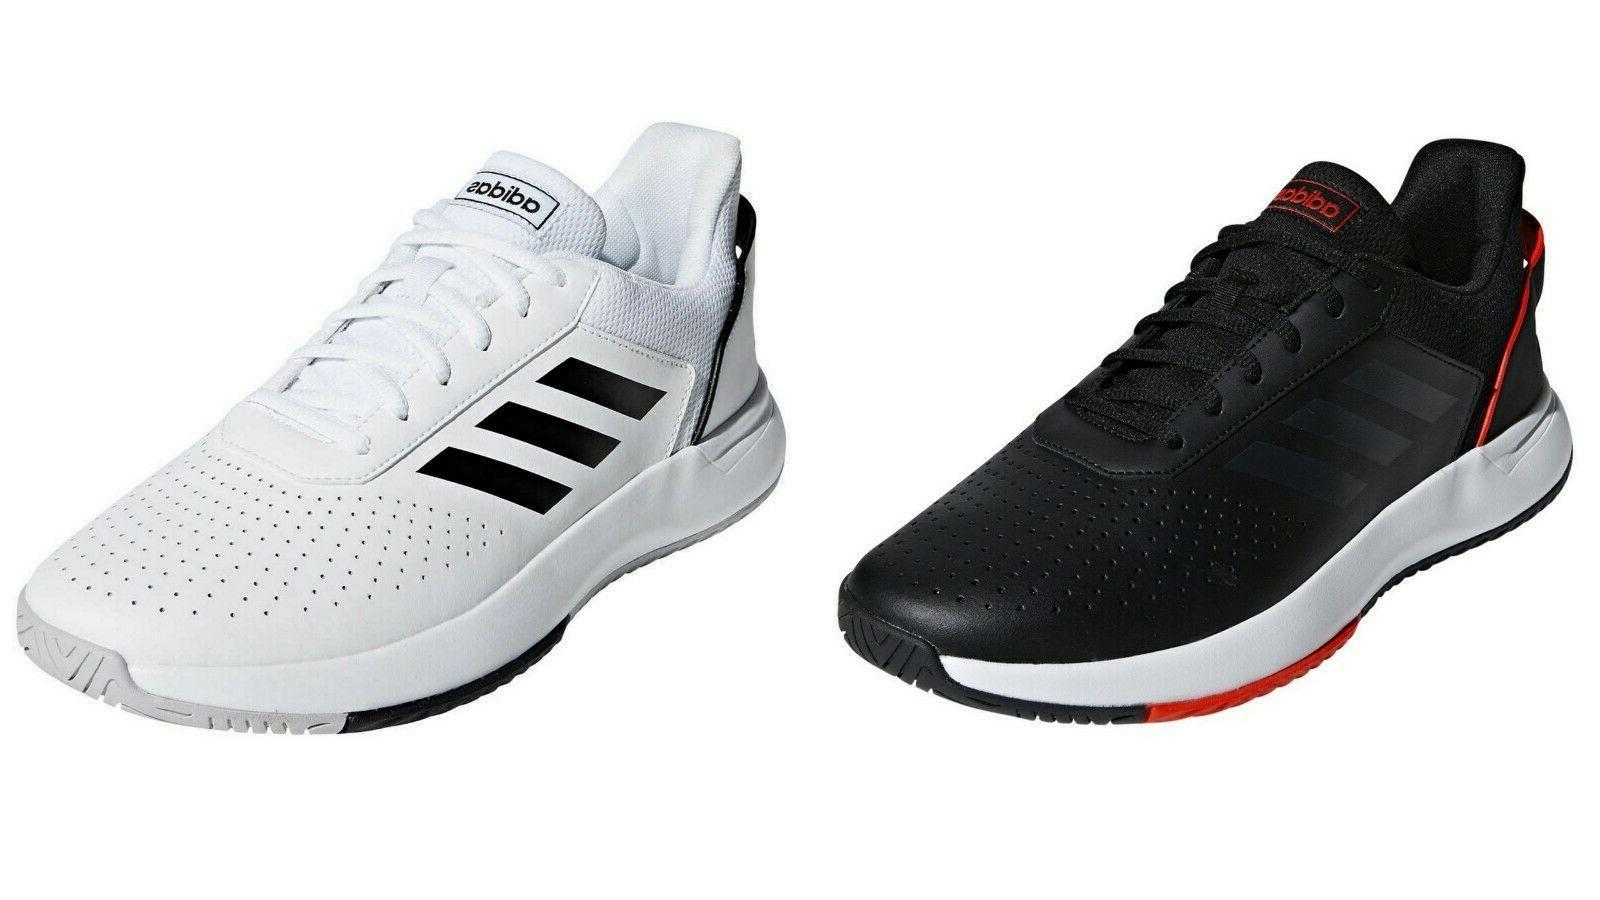 men s black courtsmash tennis shoes